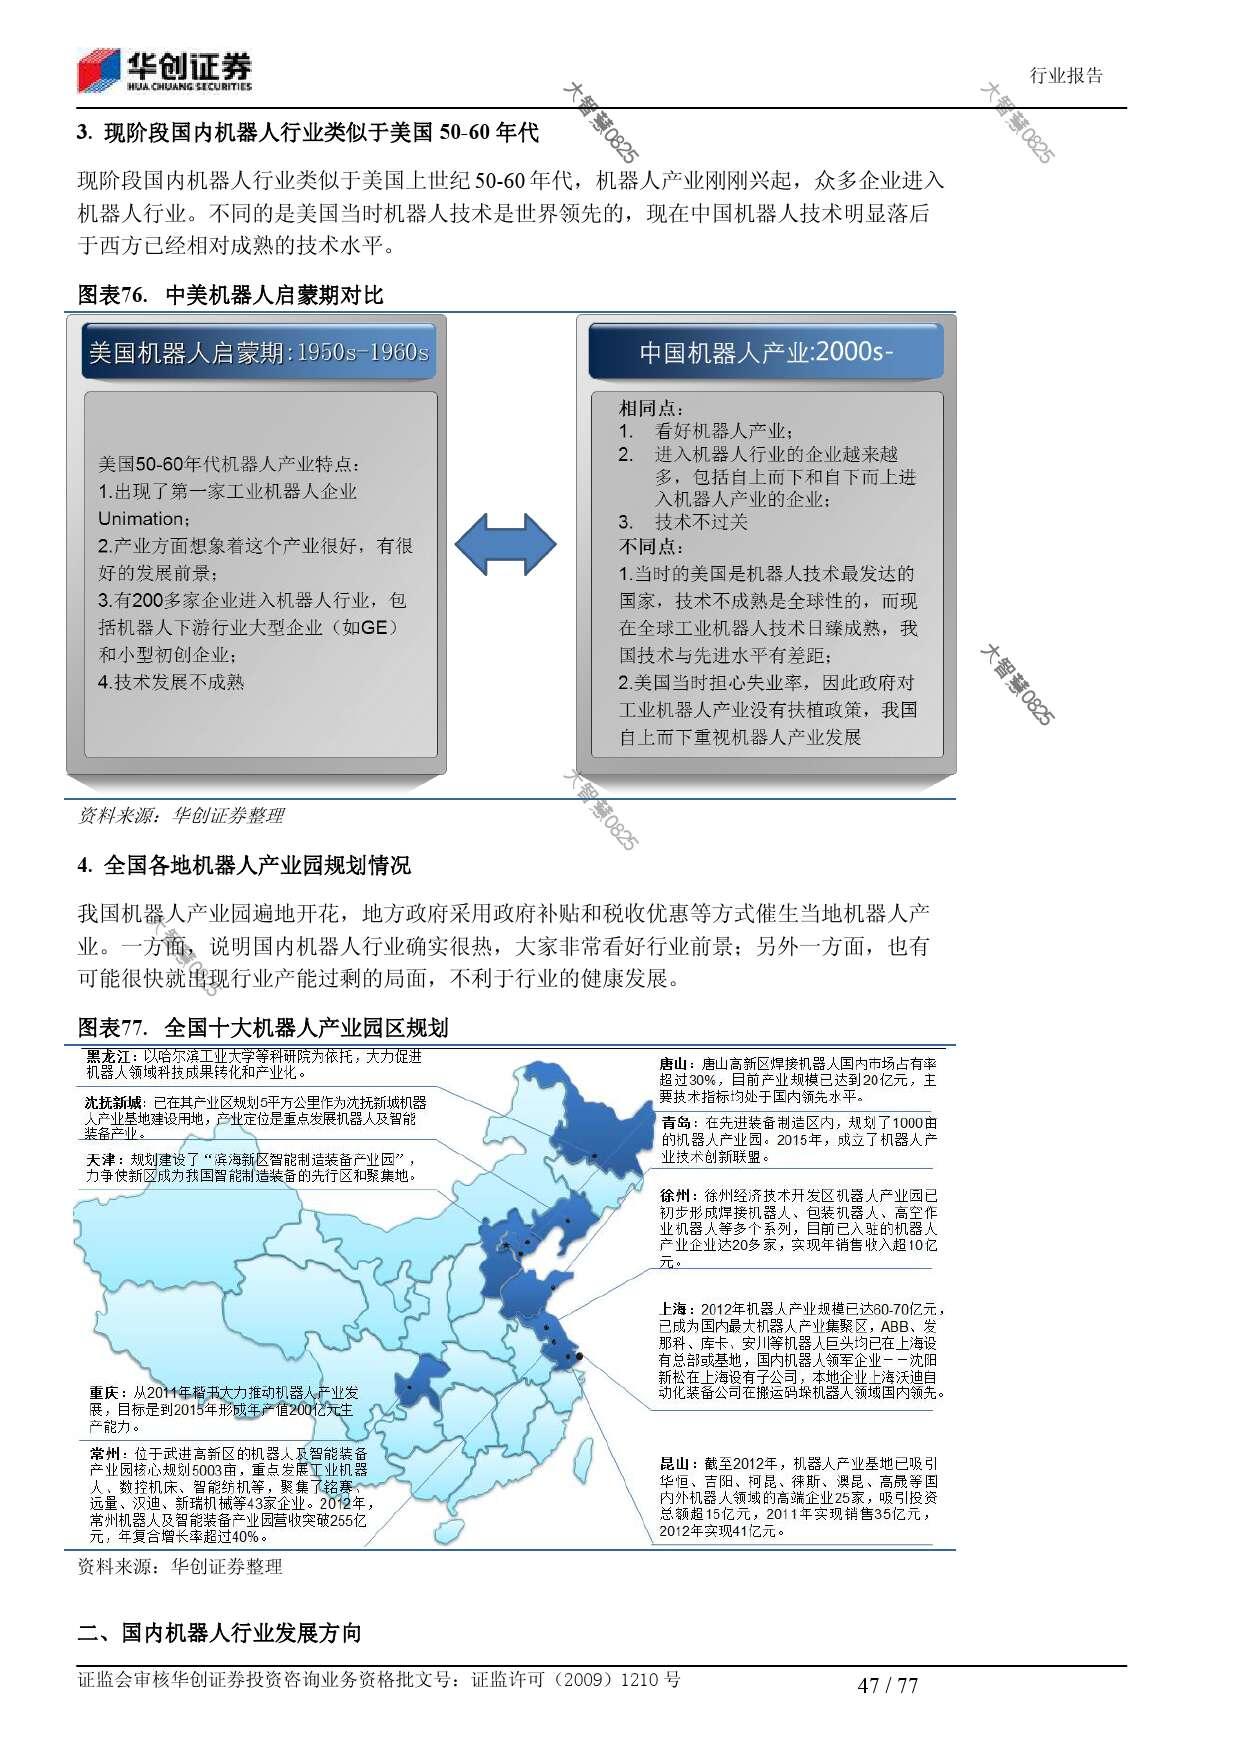 行业研究_华创证券_刘国清,鲁佩_机械设备:机器人大趋势_2014021_000047